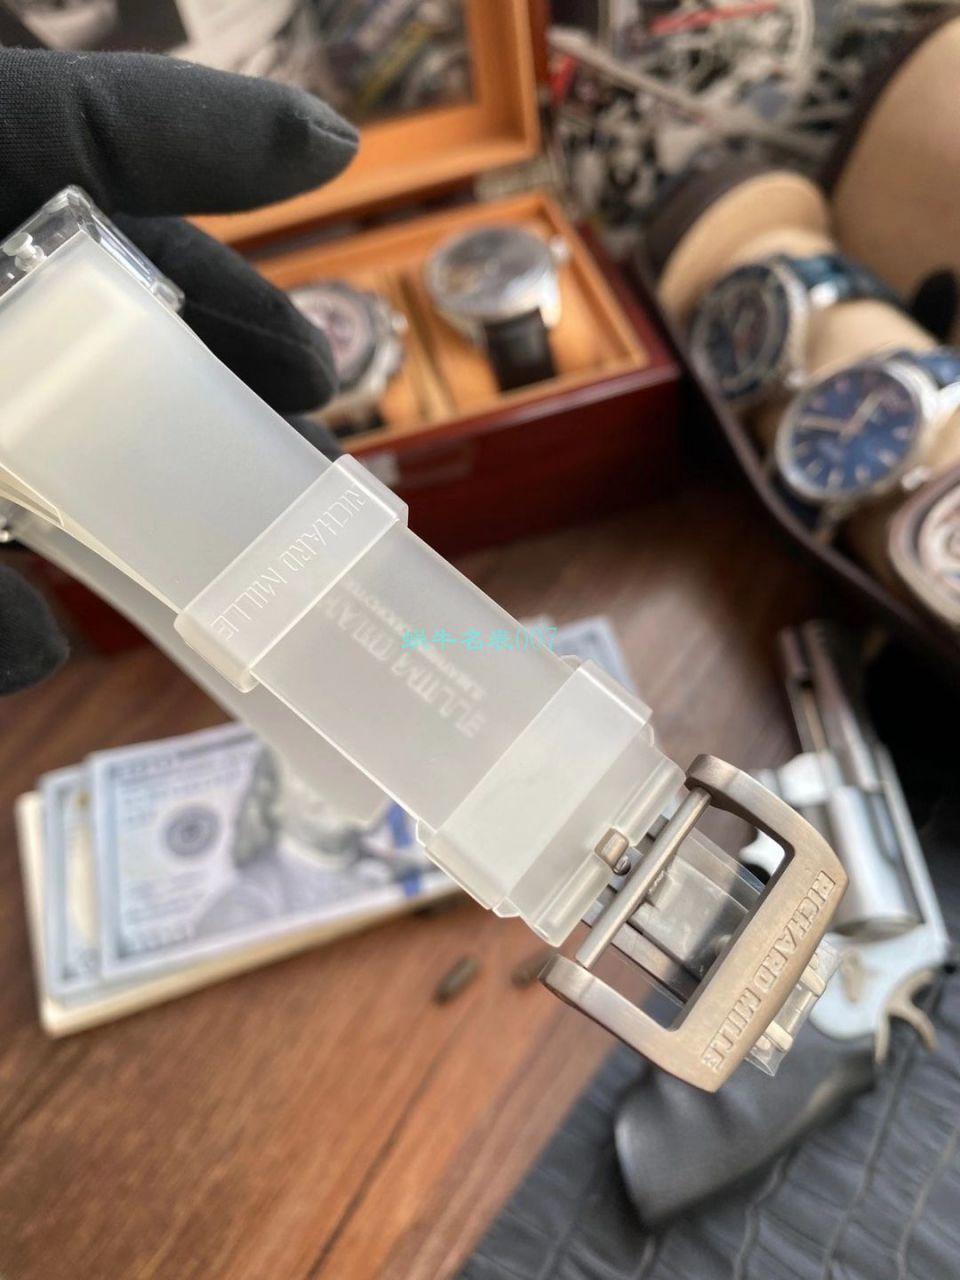 【视频评测】EUR 厂理查德米勒陀飞轮RM056,RM 56-02雪琉璃全透明1比1高仿手表 / RM 56-02EUR